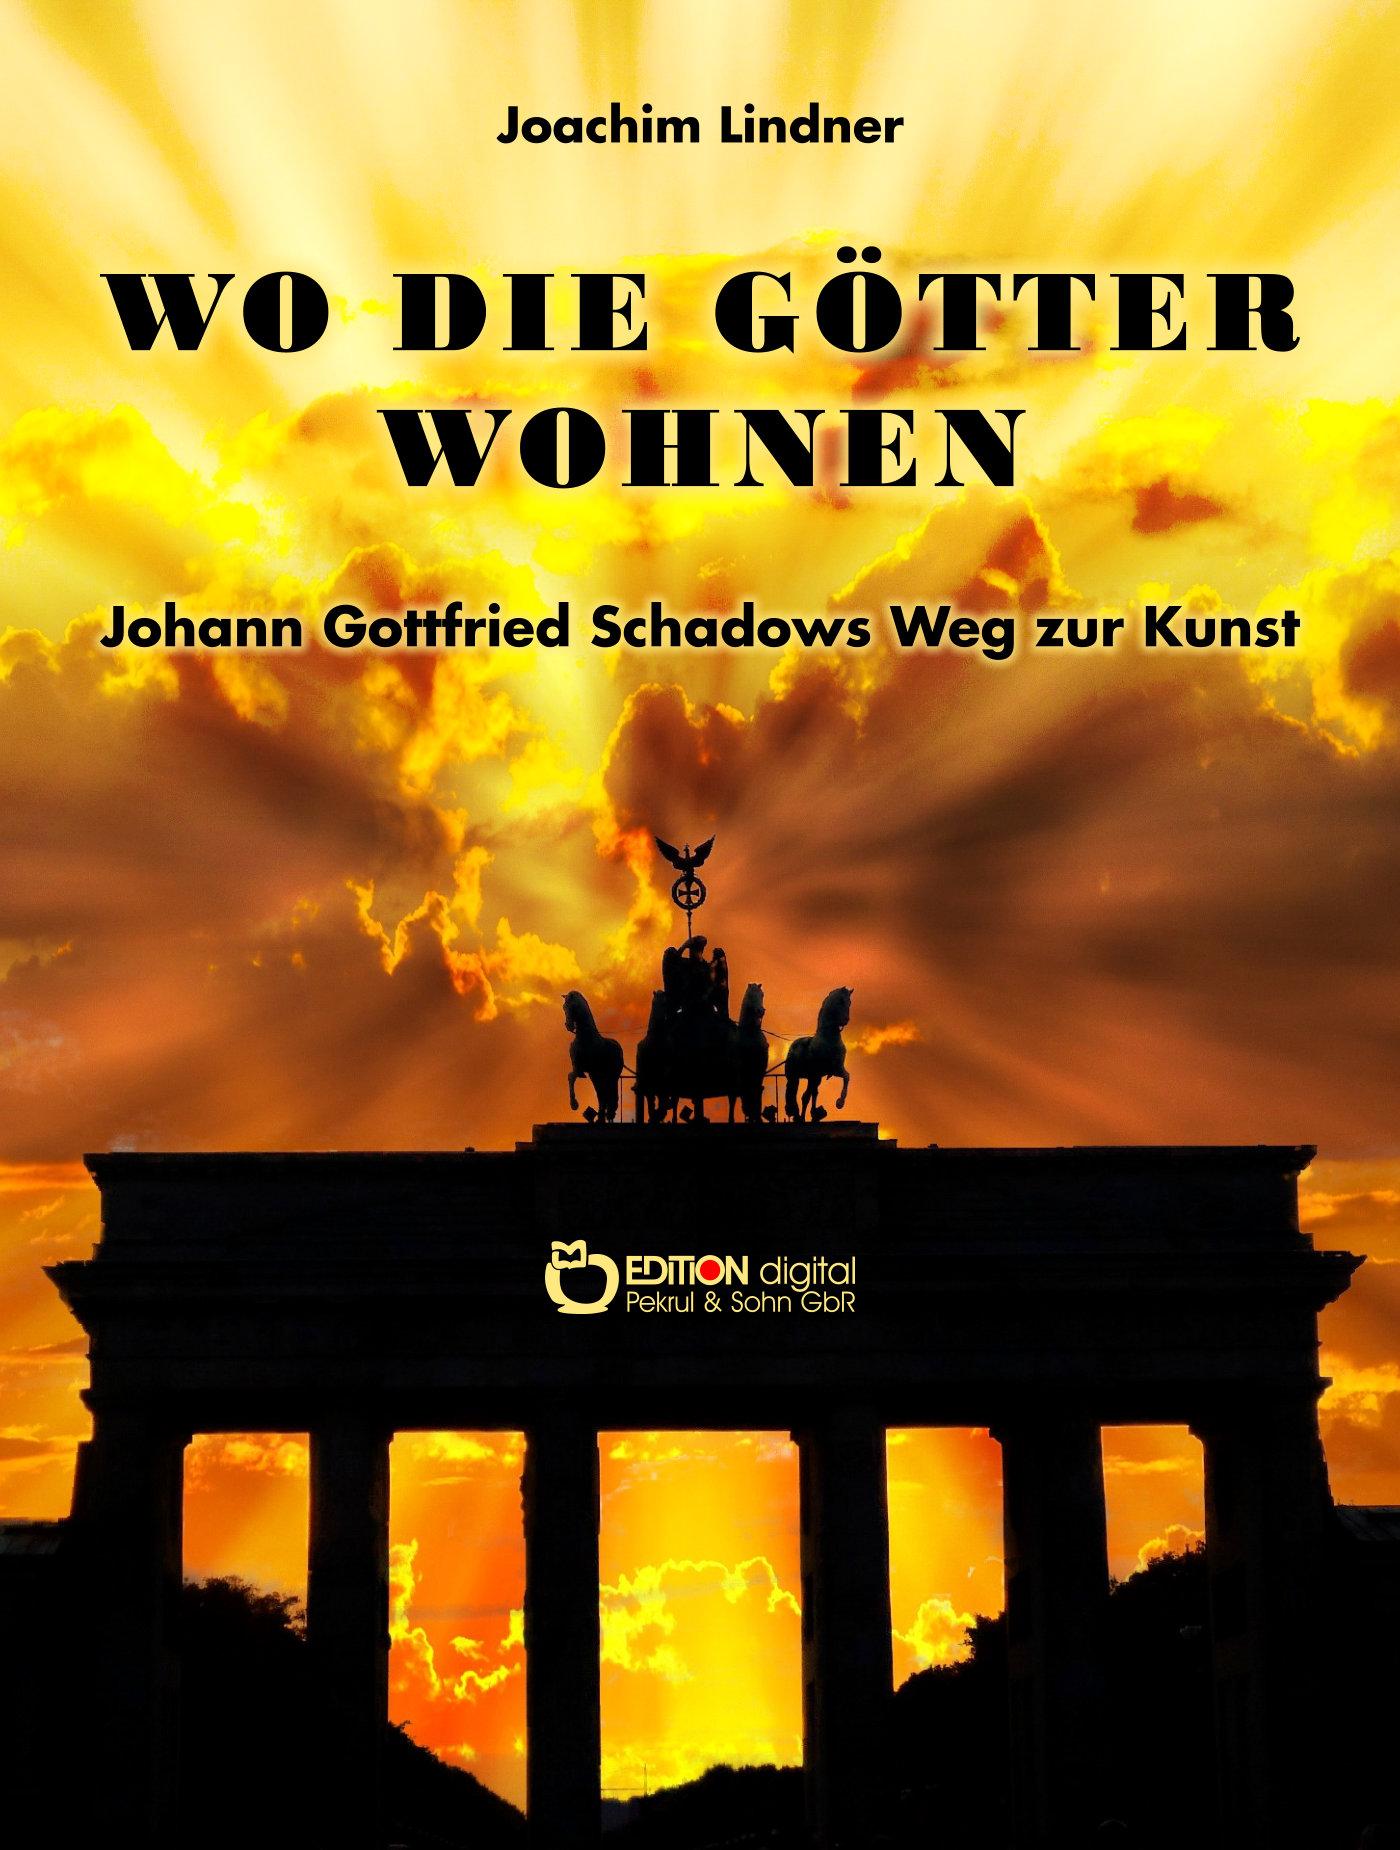 Wo die Götter wohnen. Johann Gottfried Schadows Weg zur Kunst von Joachim Lindner